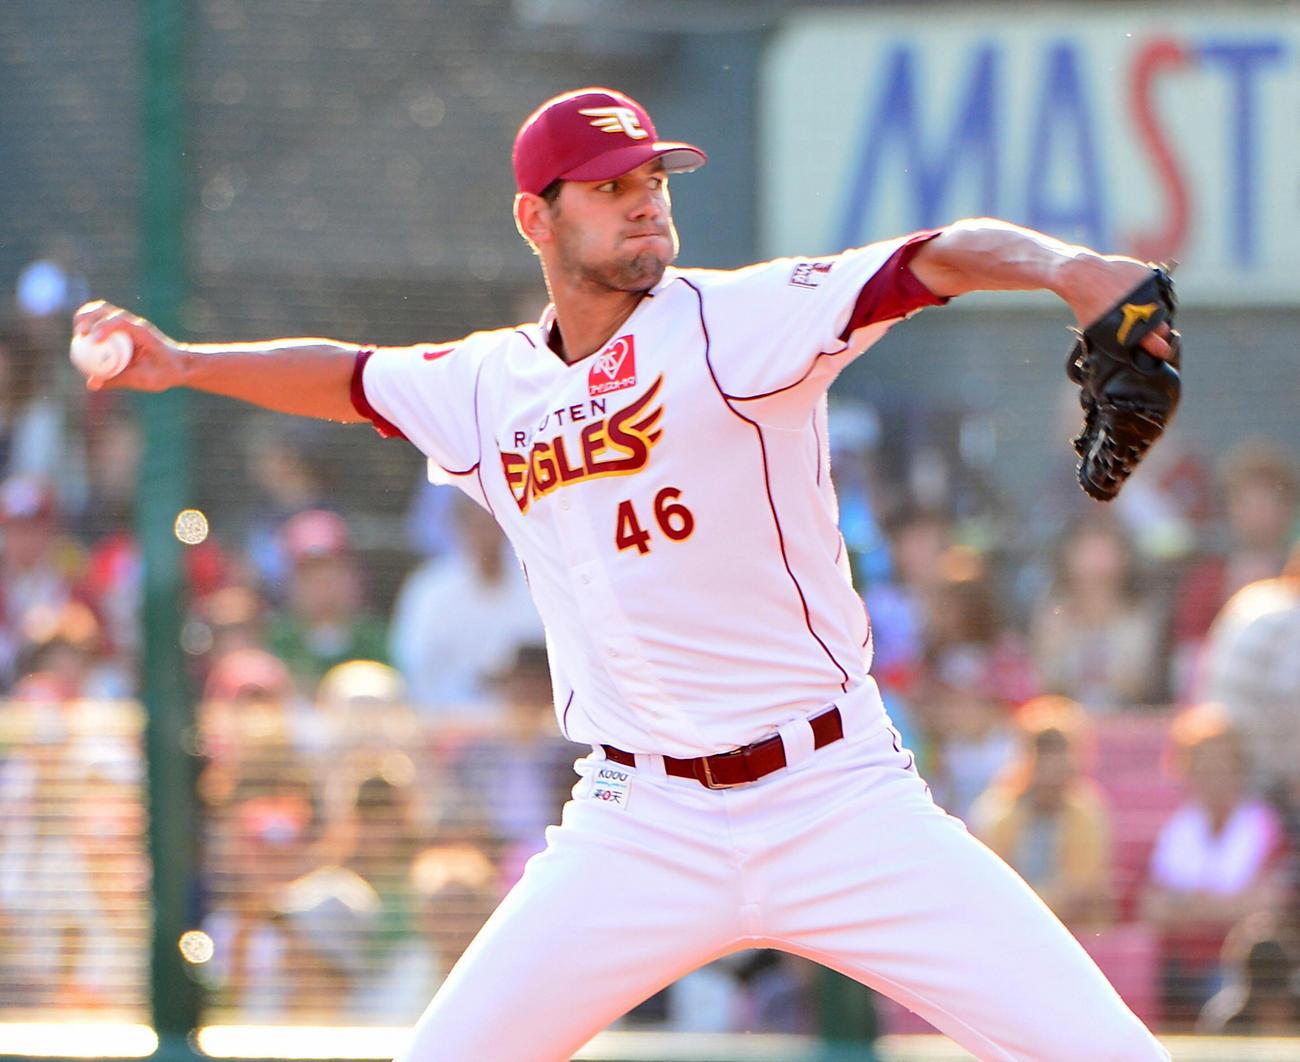 元楽天の長身右腕ファンミル投手が事故死 34歳 - MLB : 日刊スポーツ